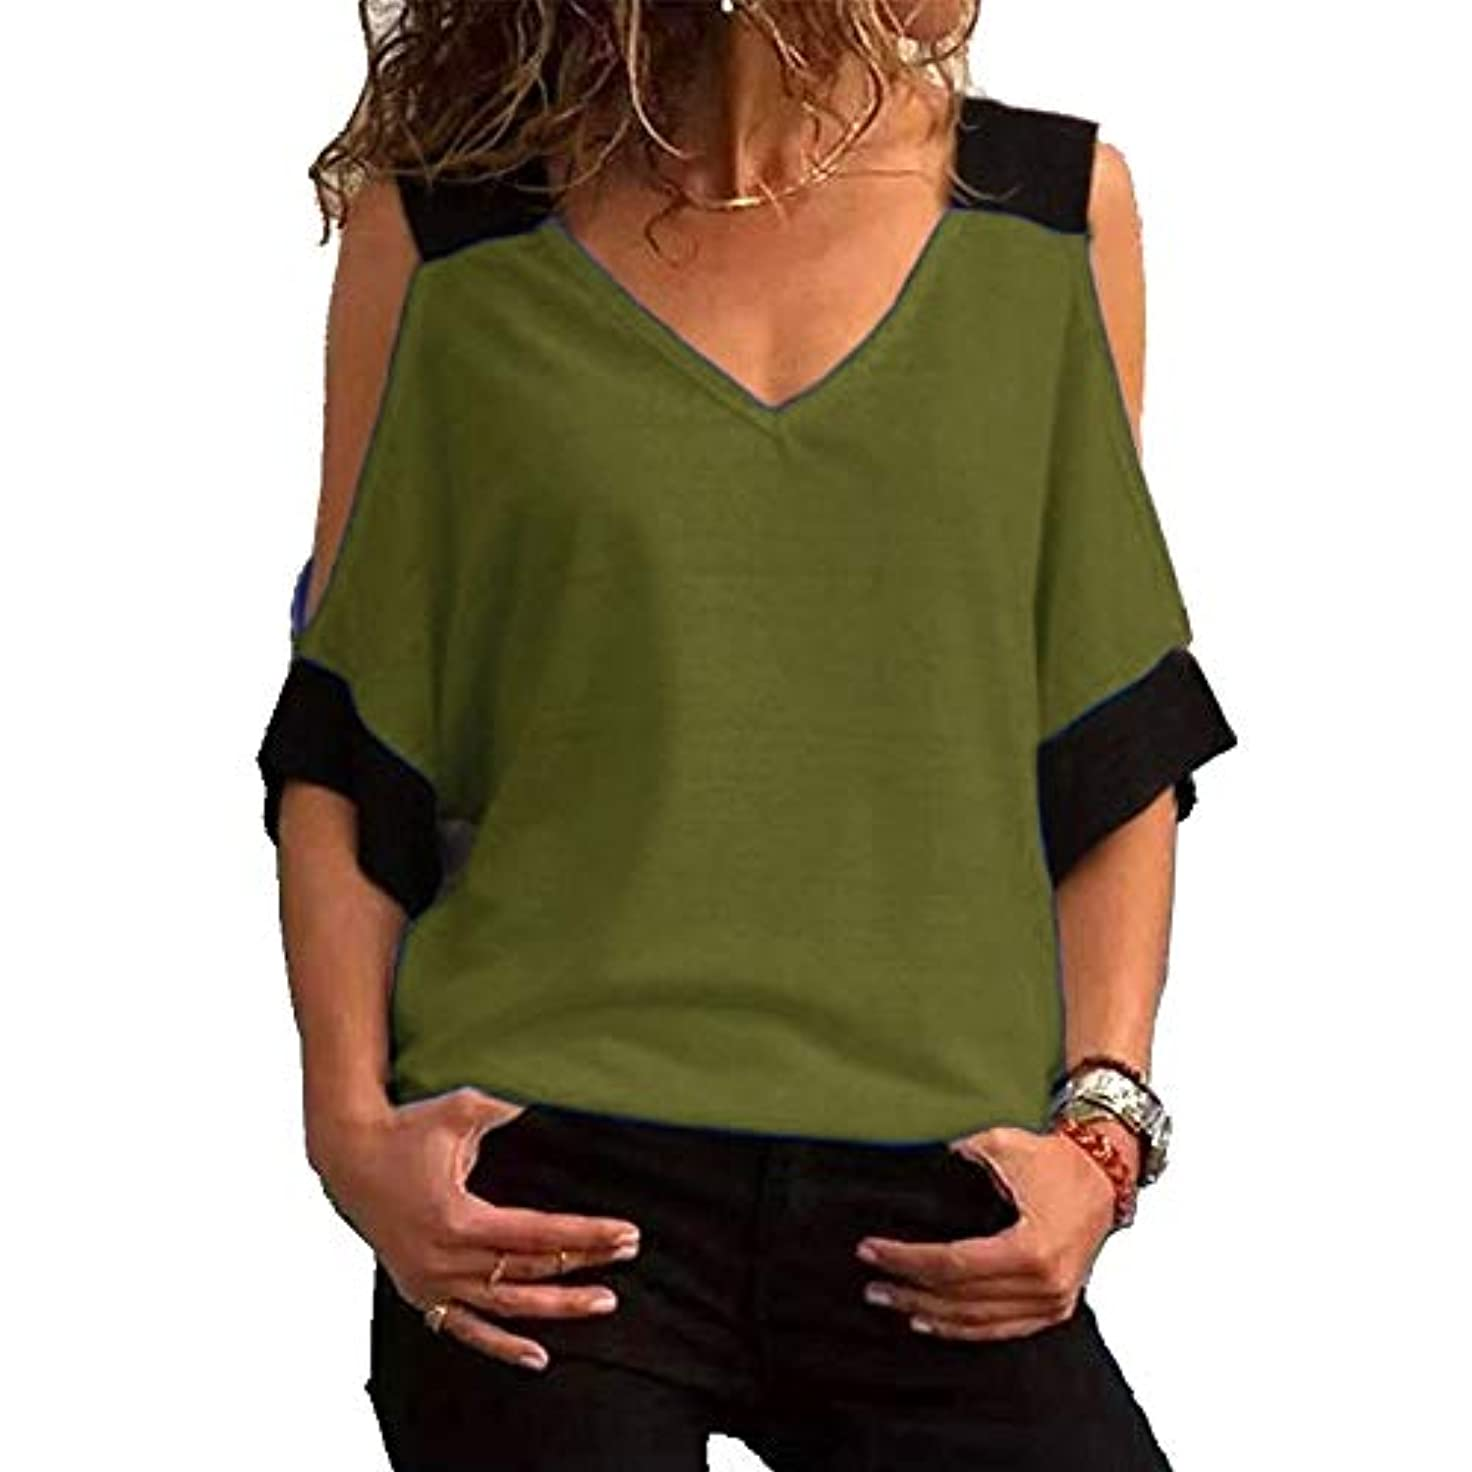 空洞振るうアスリートMIFAN女性ファッションカジュアルトップス女性ショルダーブラウスコットンTシャツディープVネック半袖